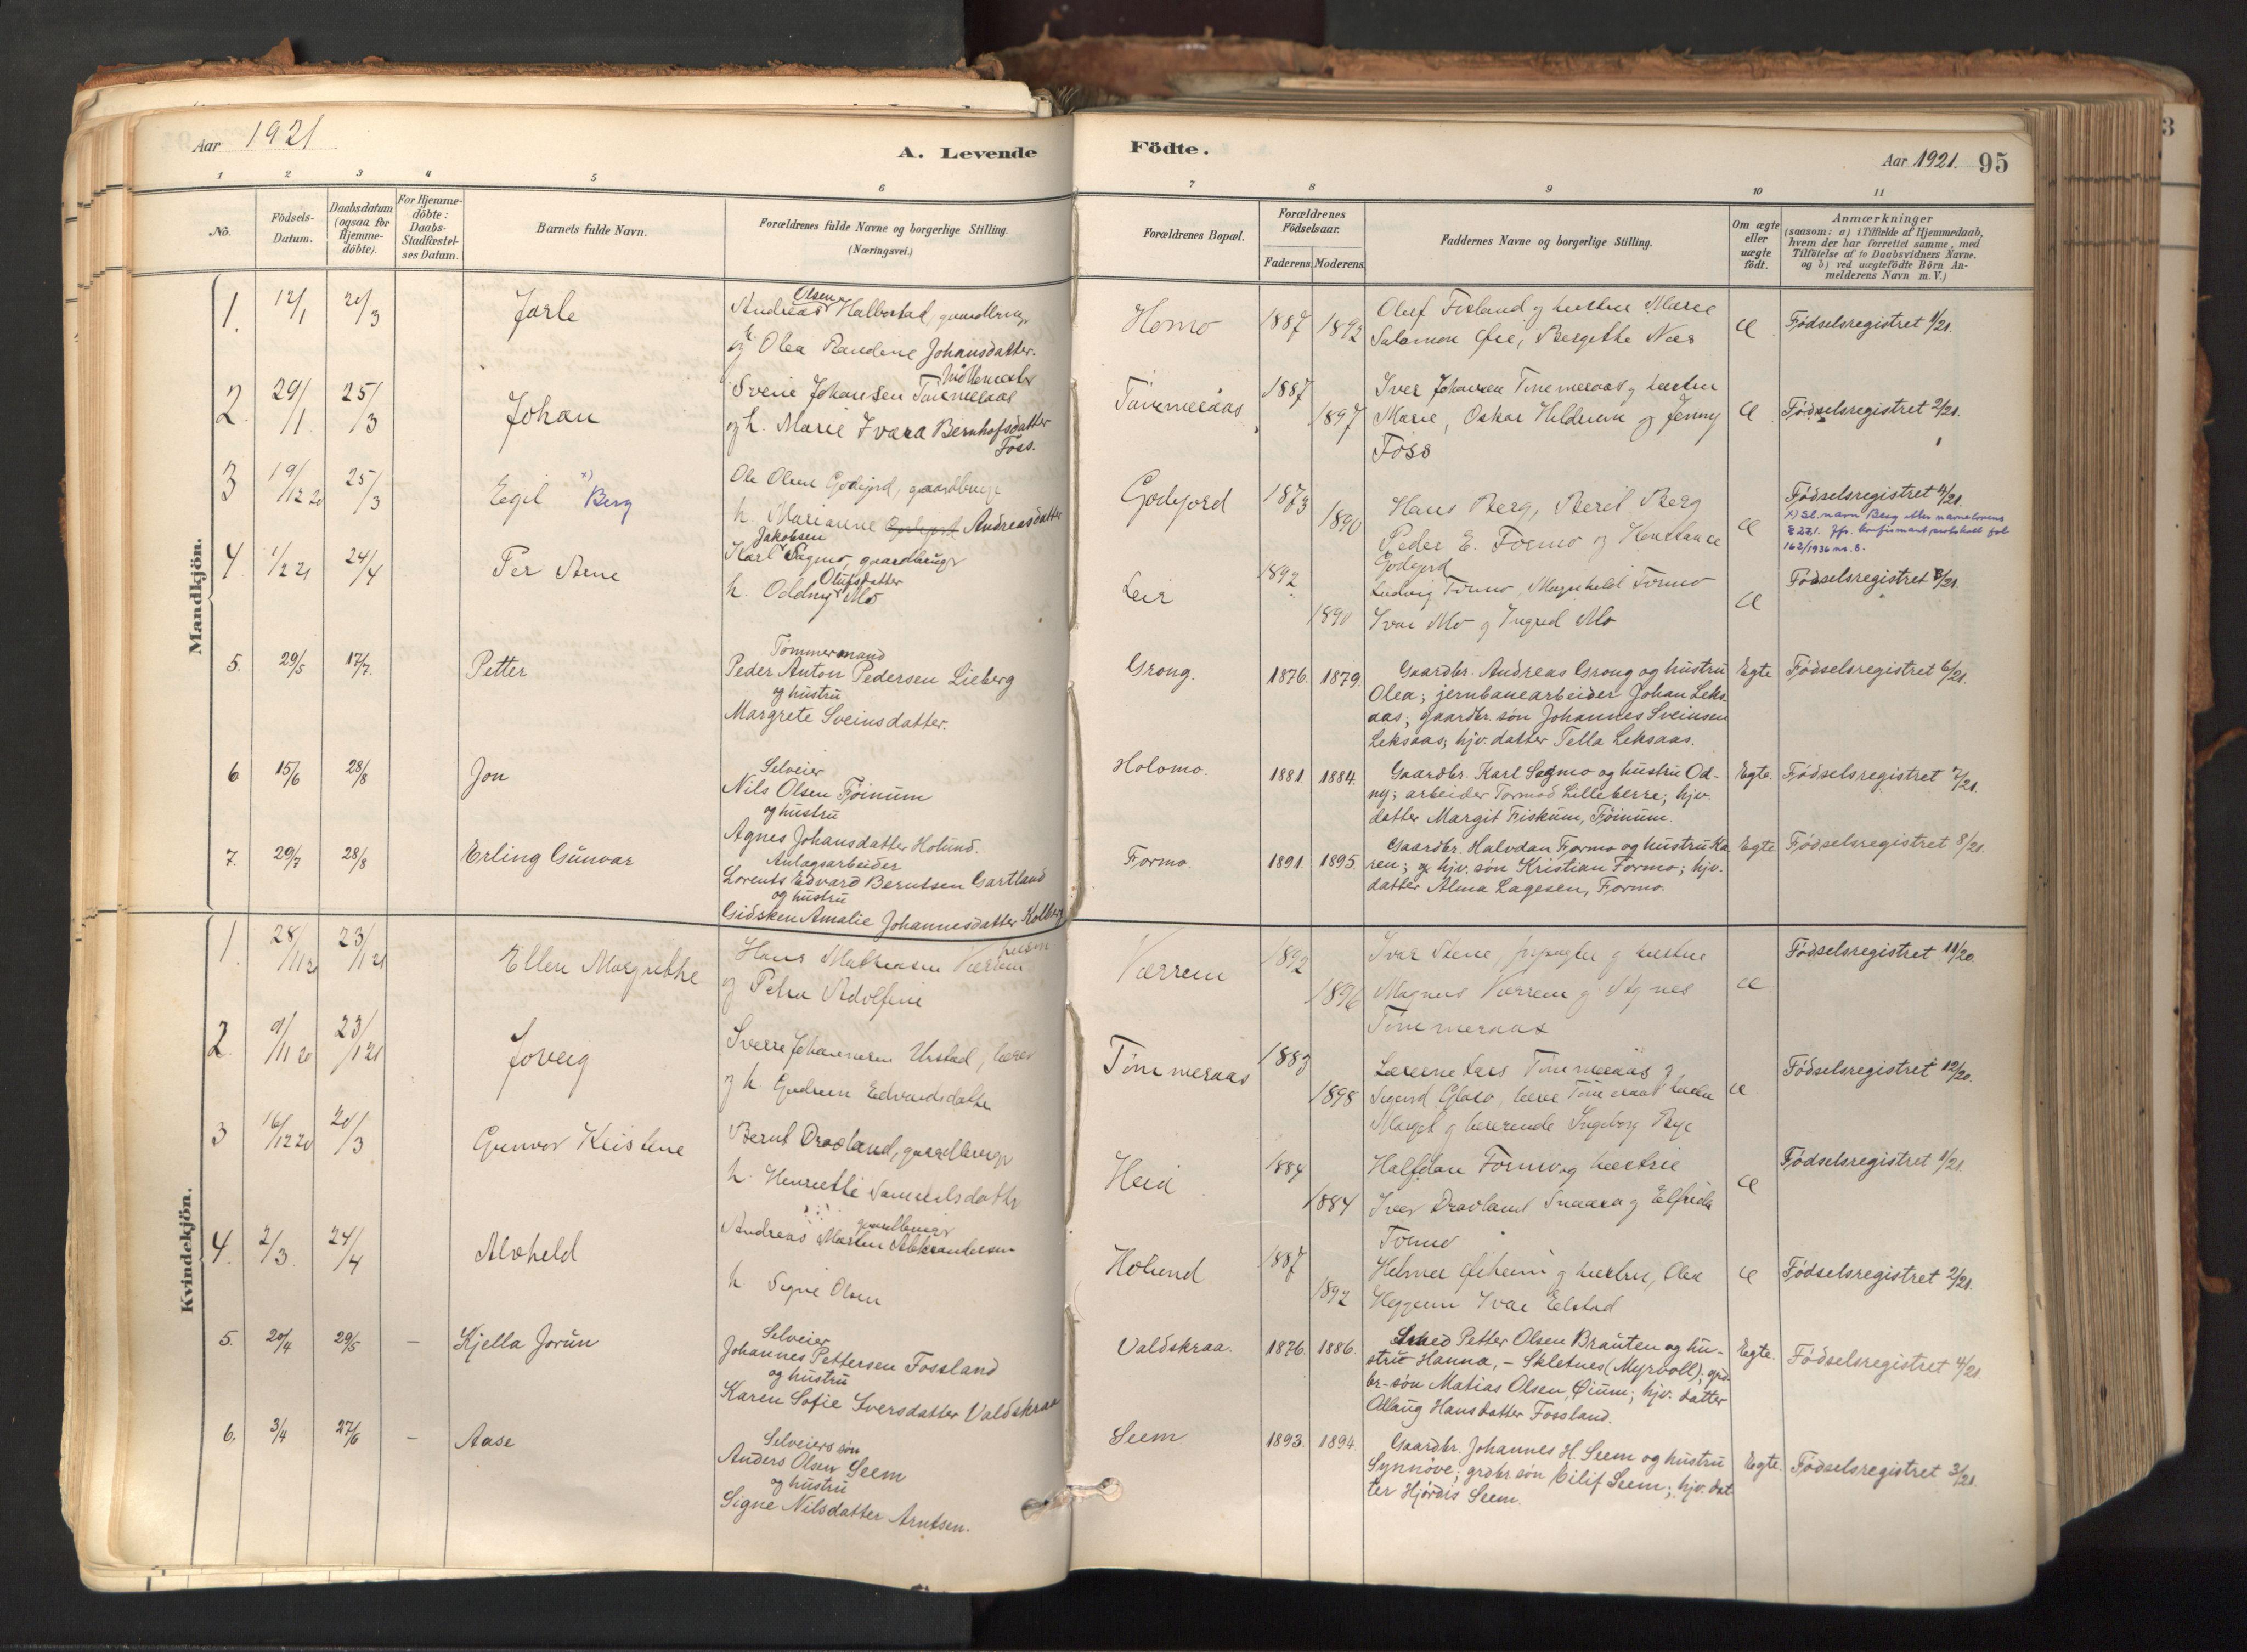 SAT, Ministerialprotokoller, klokkerbøker og fødselsregistre - Nord-Trøndelag, 758/L0519: Ministerialbok nr. 758A04, 1880-1926, s. 95